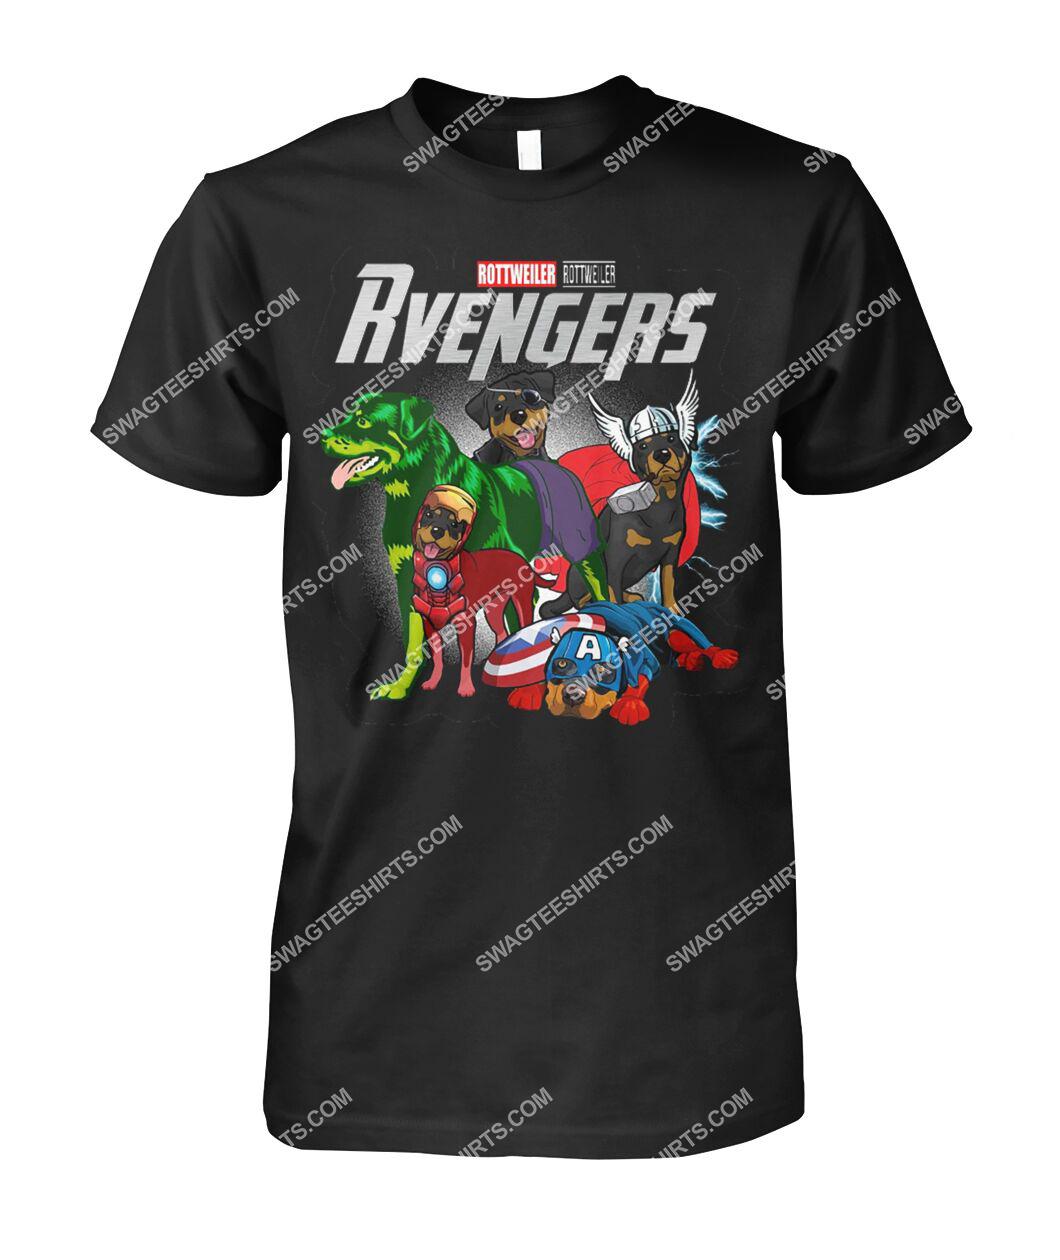 rottweiler rvengers marvel avengers dogs lover tshirt 1